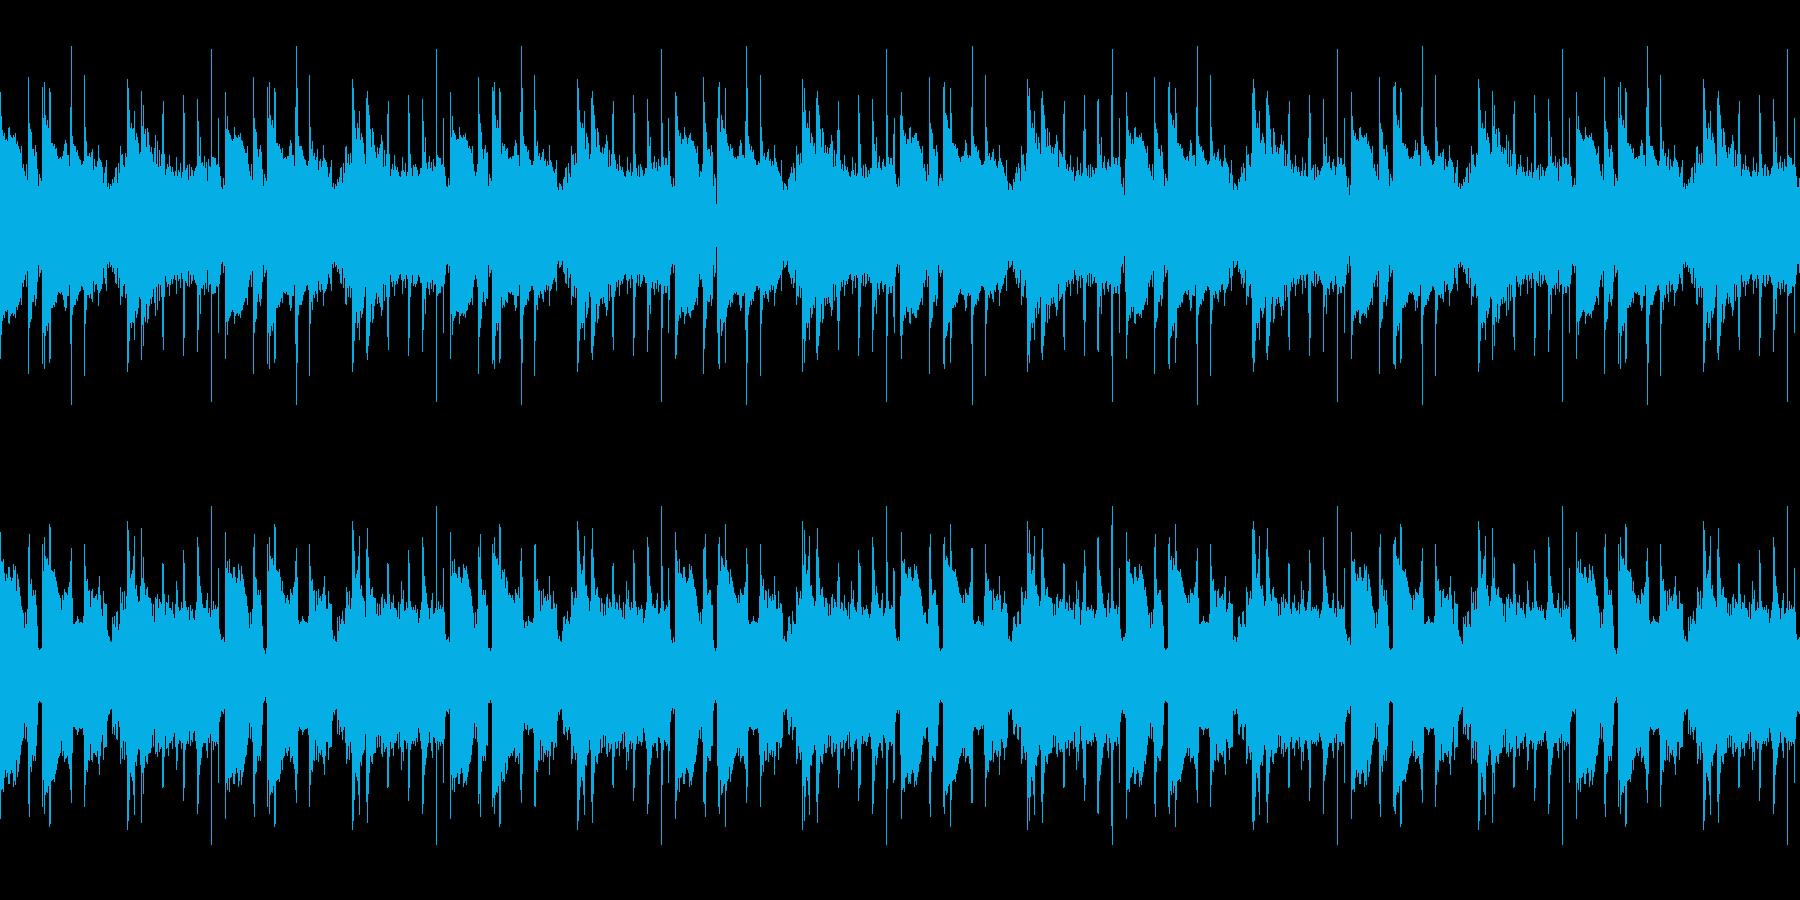 軌道ループ3の再生済みの波形